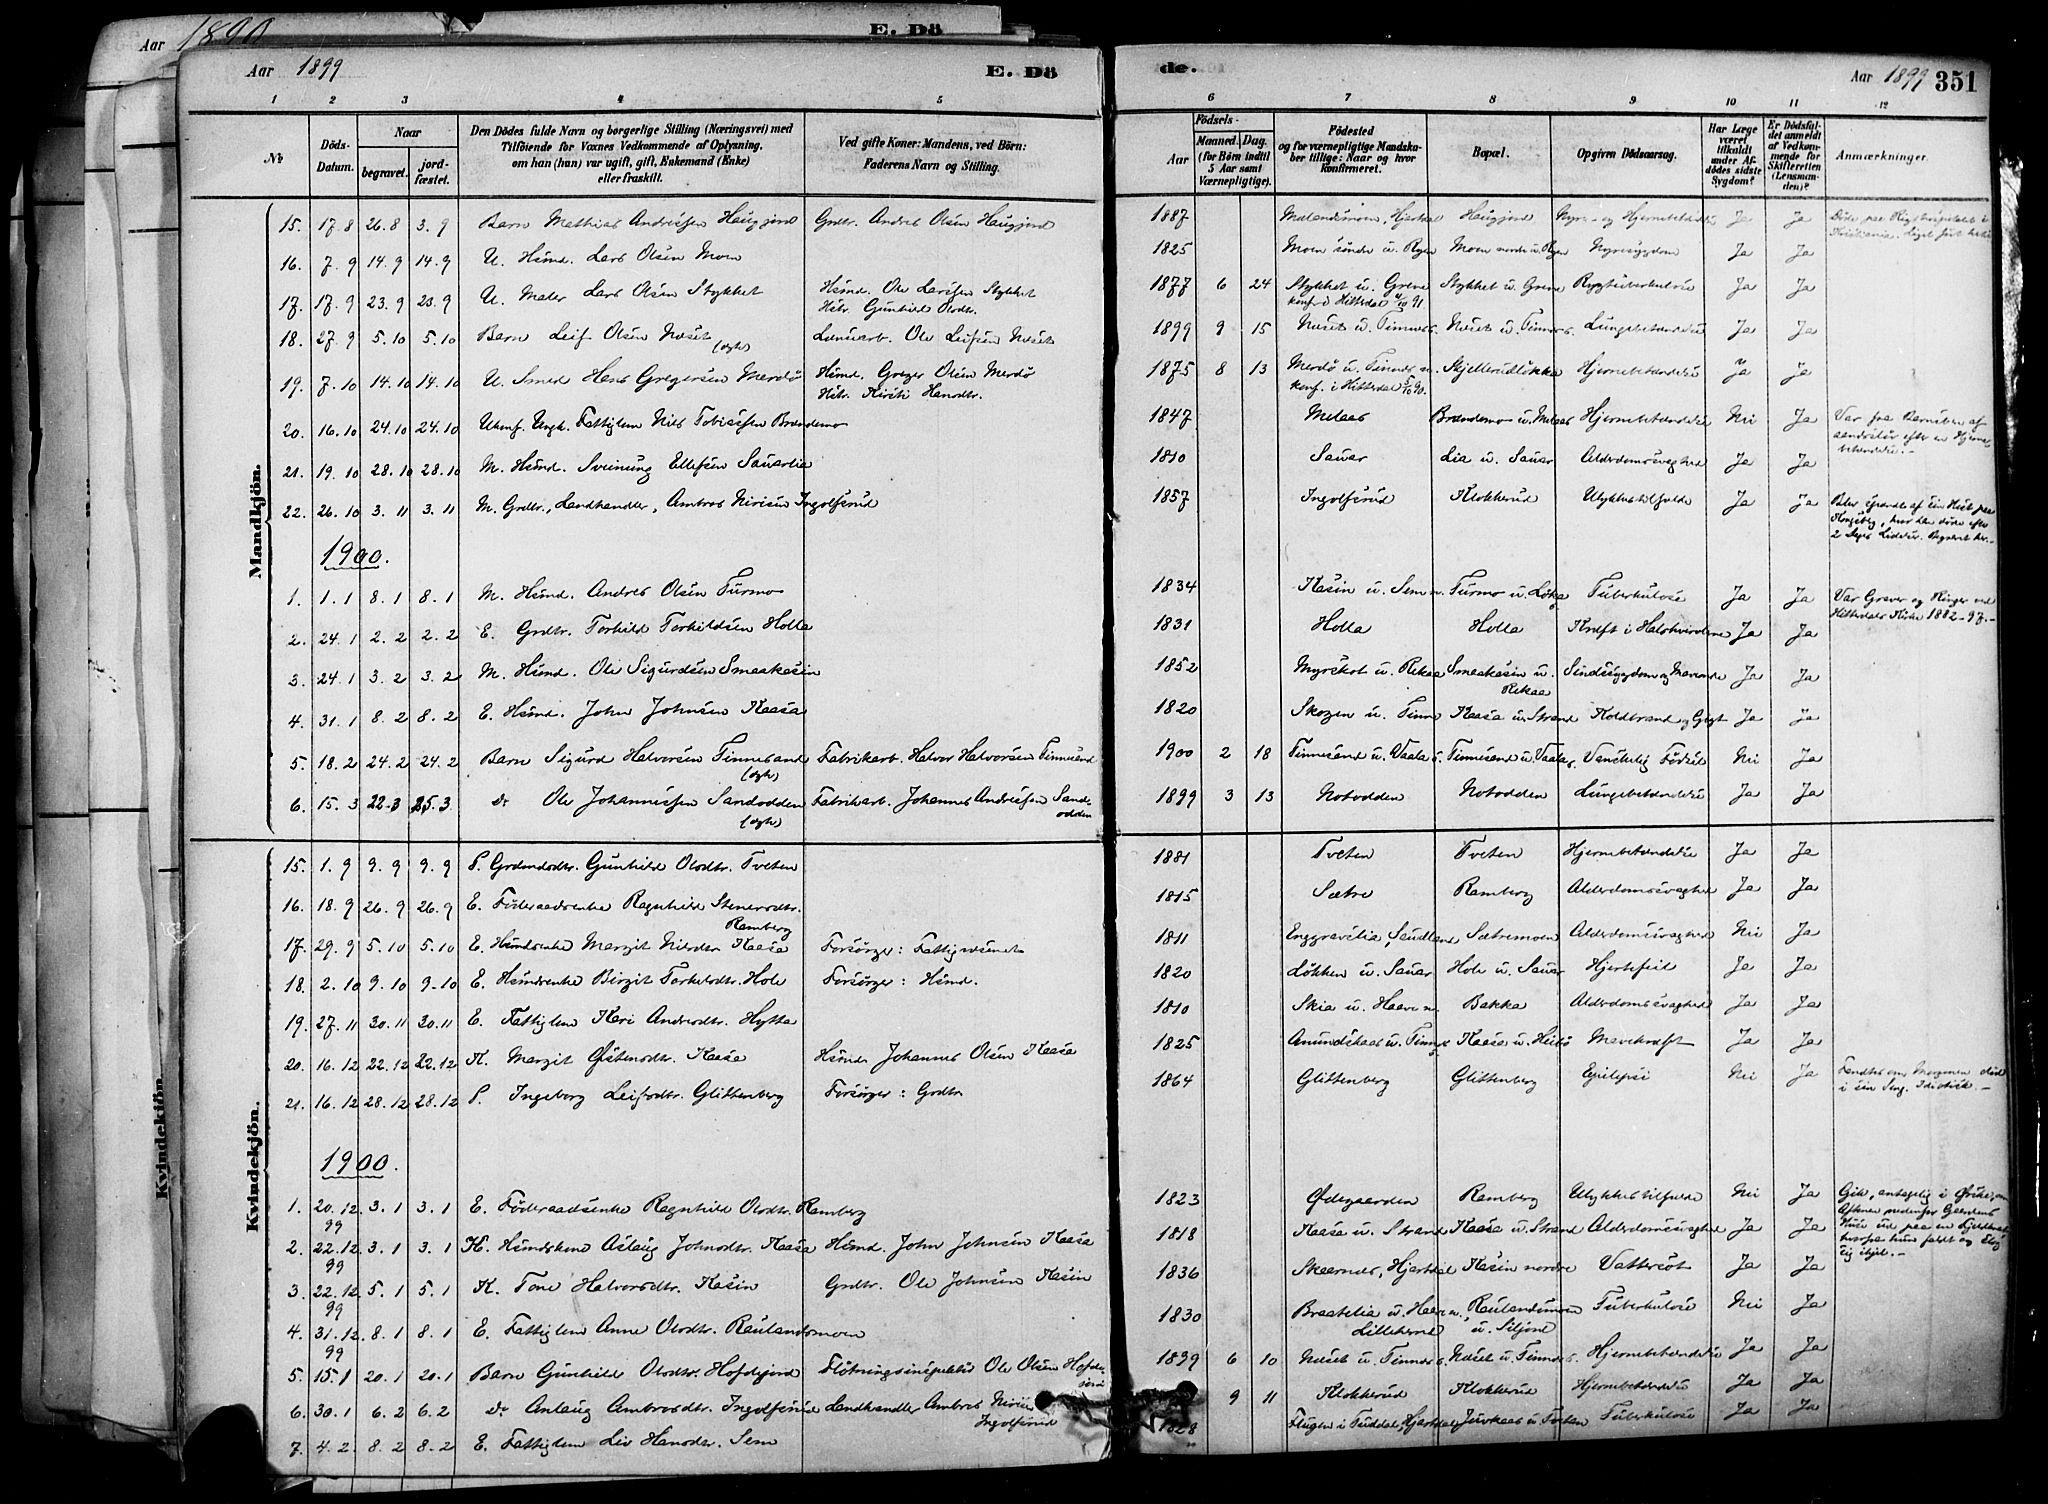 SAKO, Heddal kirkebøker, F/Fa/L0008: Ministerialbok nr. I 8, 1878-1903, s. 351